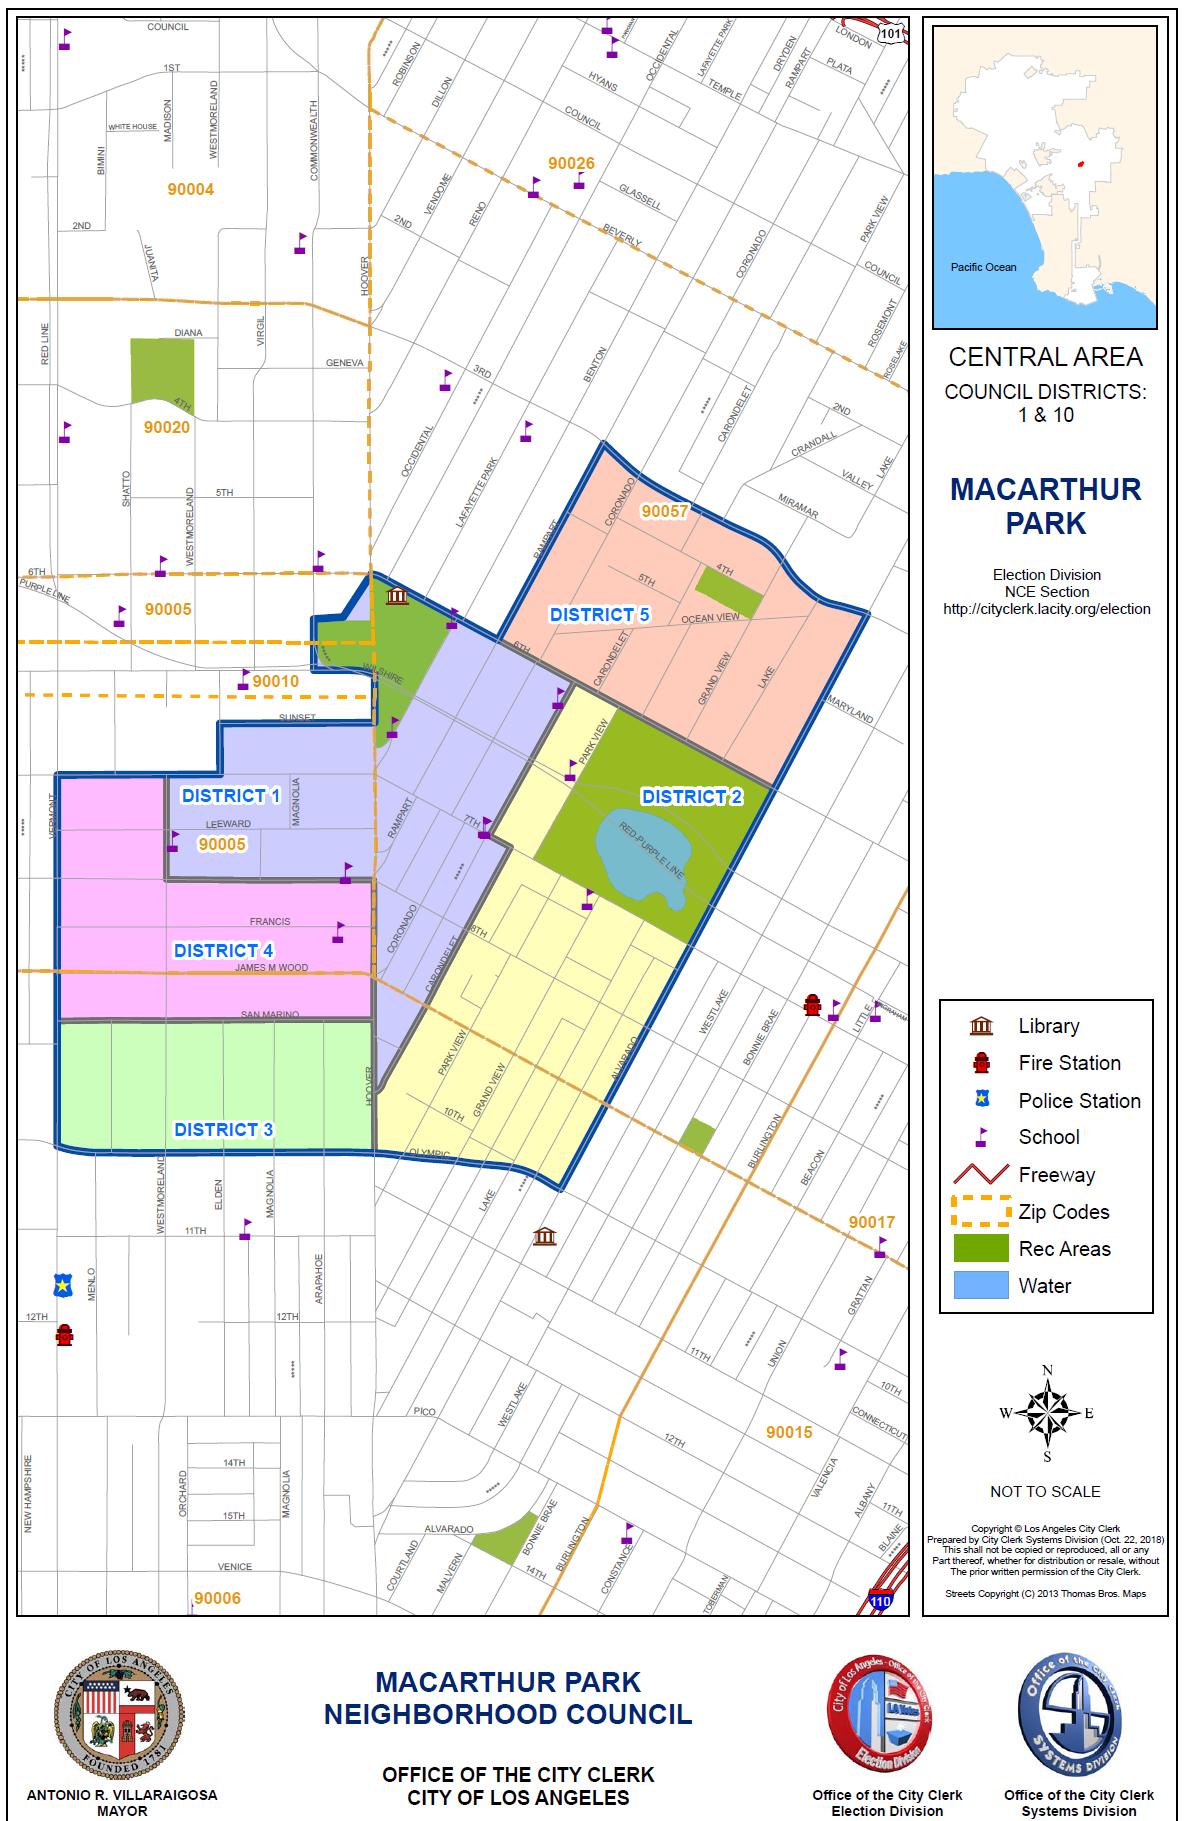 MPNC Map